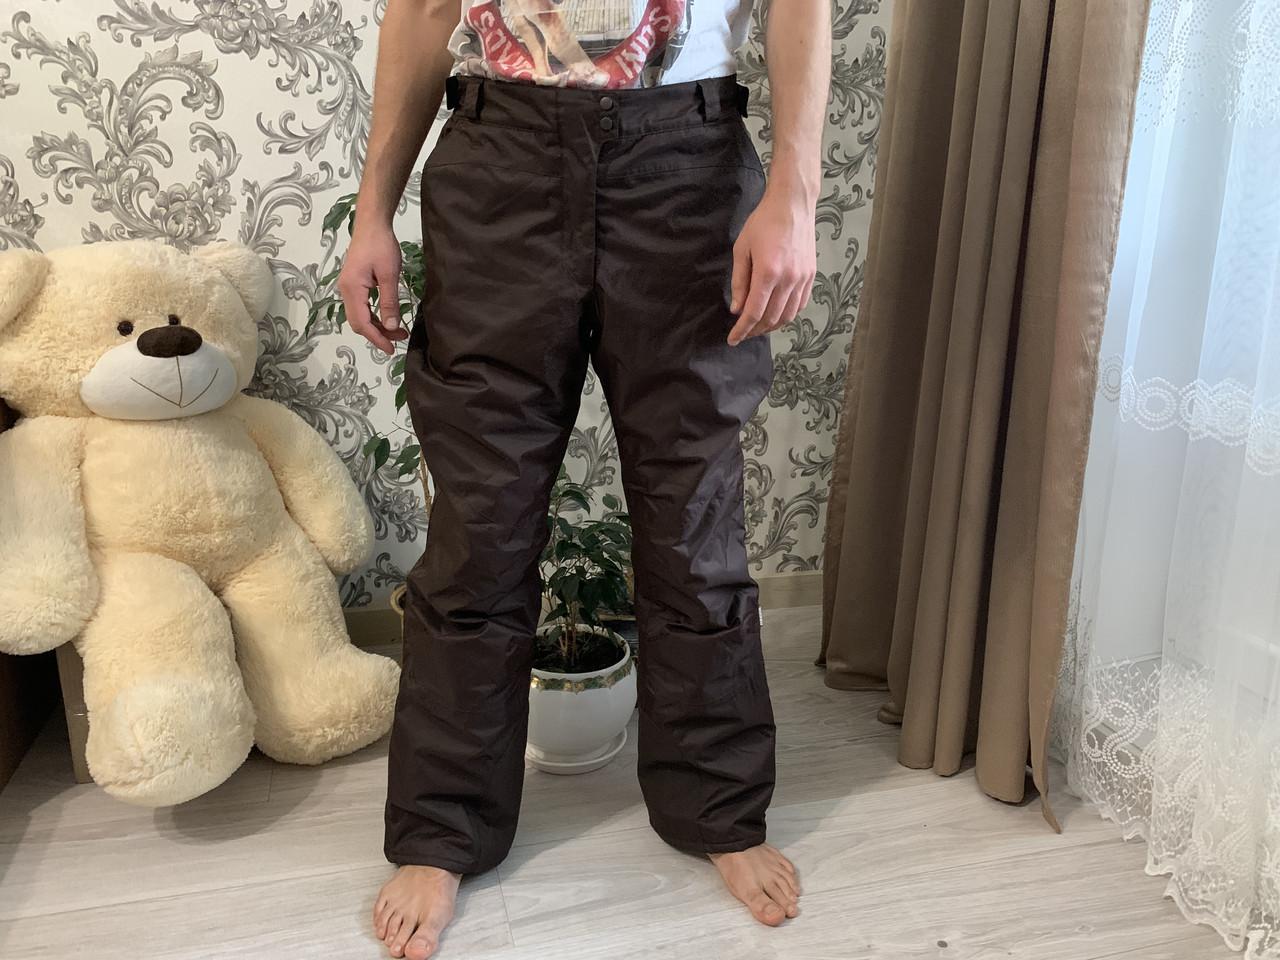 Сноуборд штаны коричневые горнолыжные тёплые штаны alpine Thinsulate